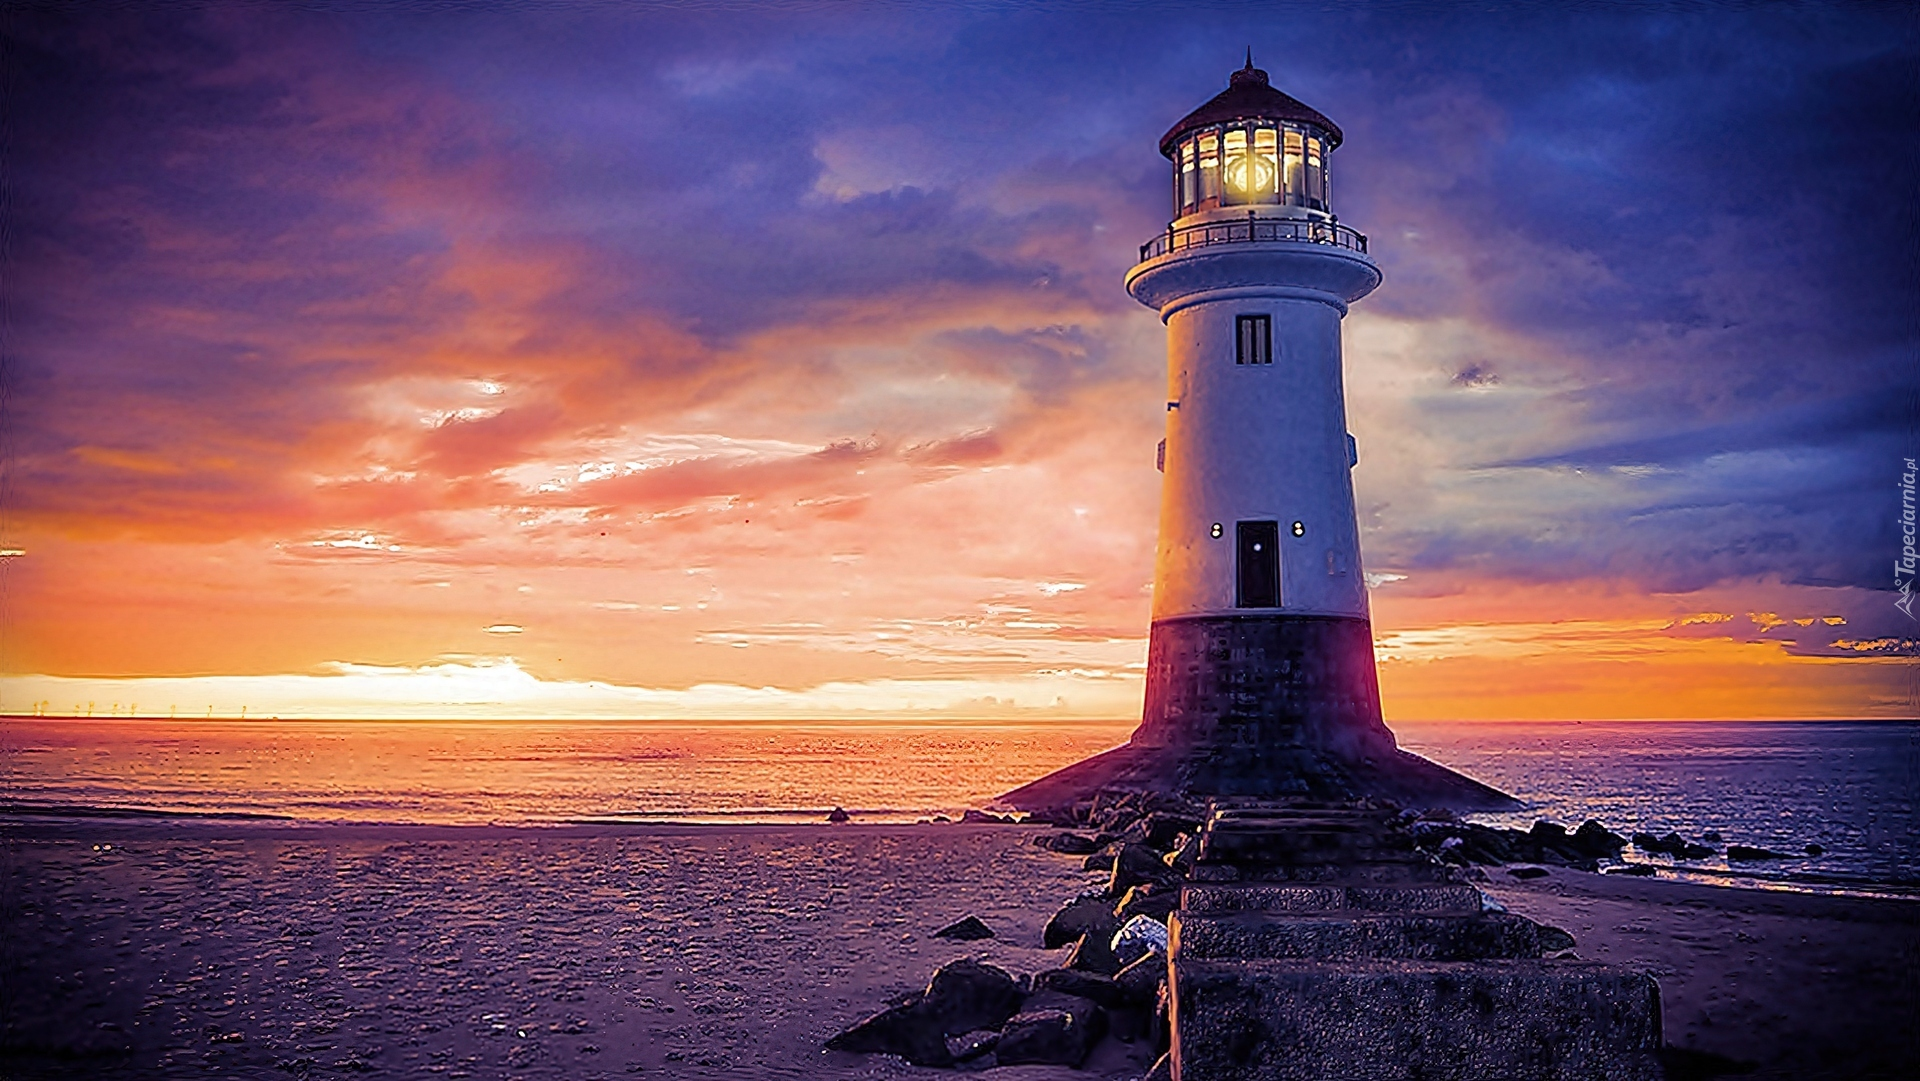 lighthouse desktop wallpaper 7900 - photo #11